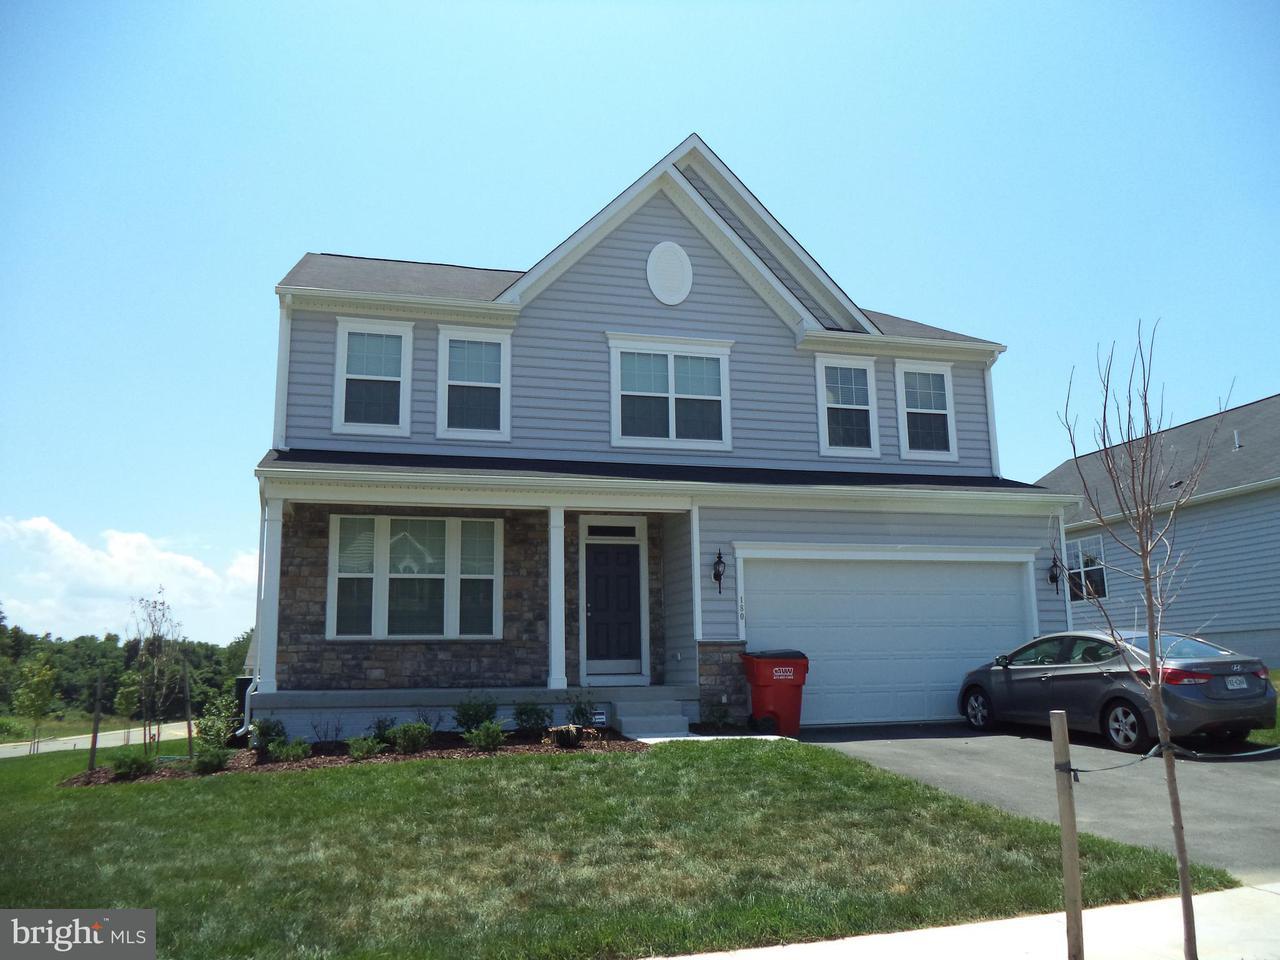 Maison unifamiliale pour l Vente à OVERBROOK DRIVE OVERBROOK DRIVE Ranson, Virginie-Occidentale 25438 États-Unis